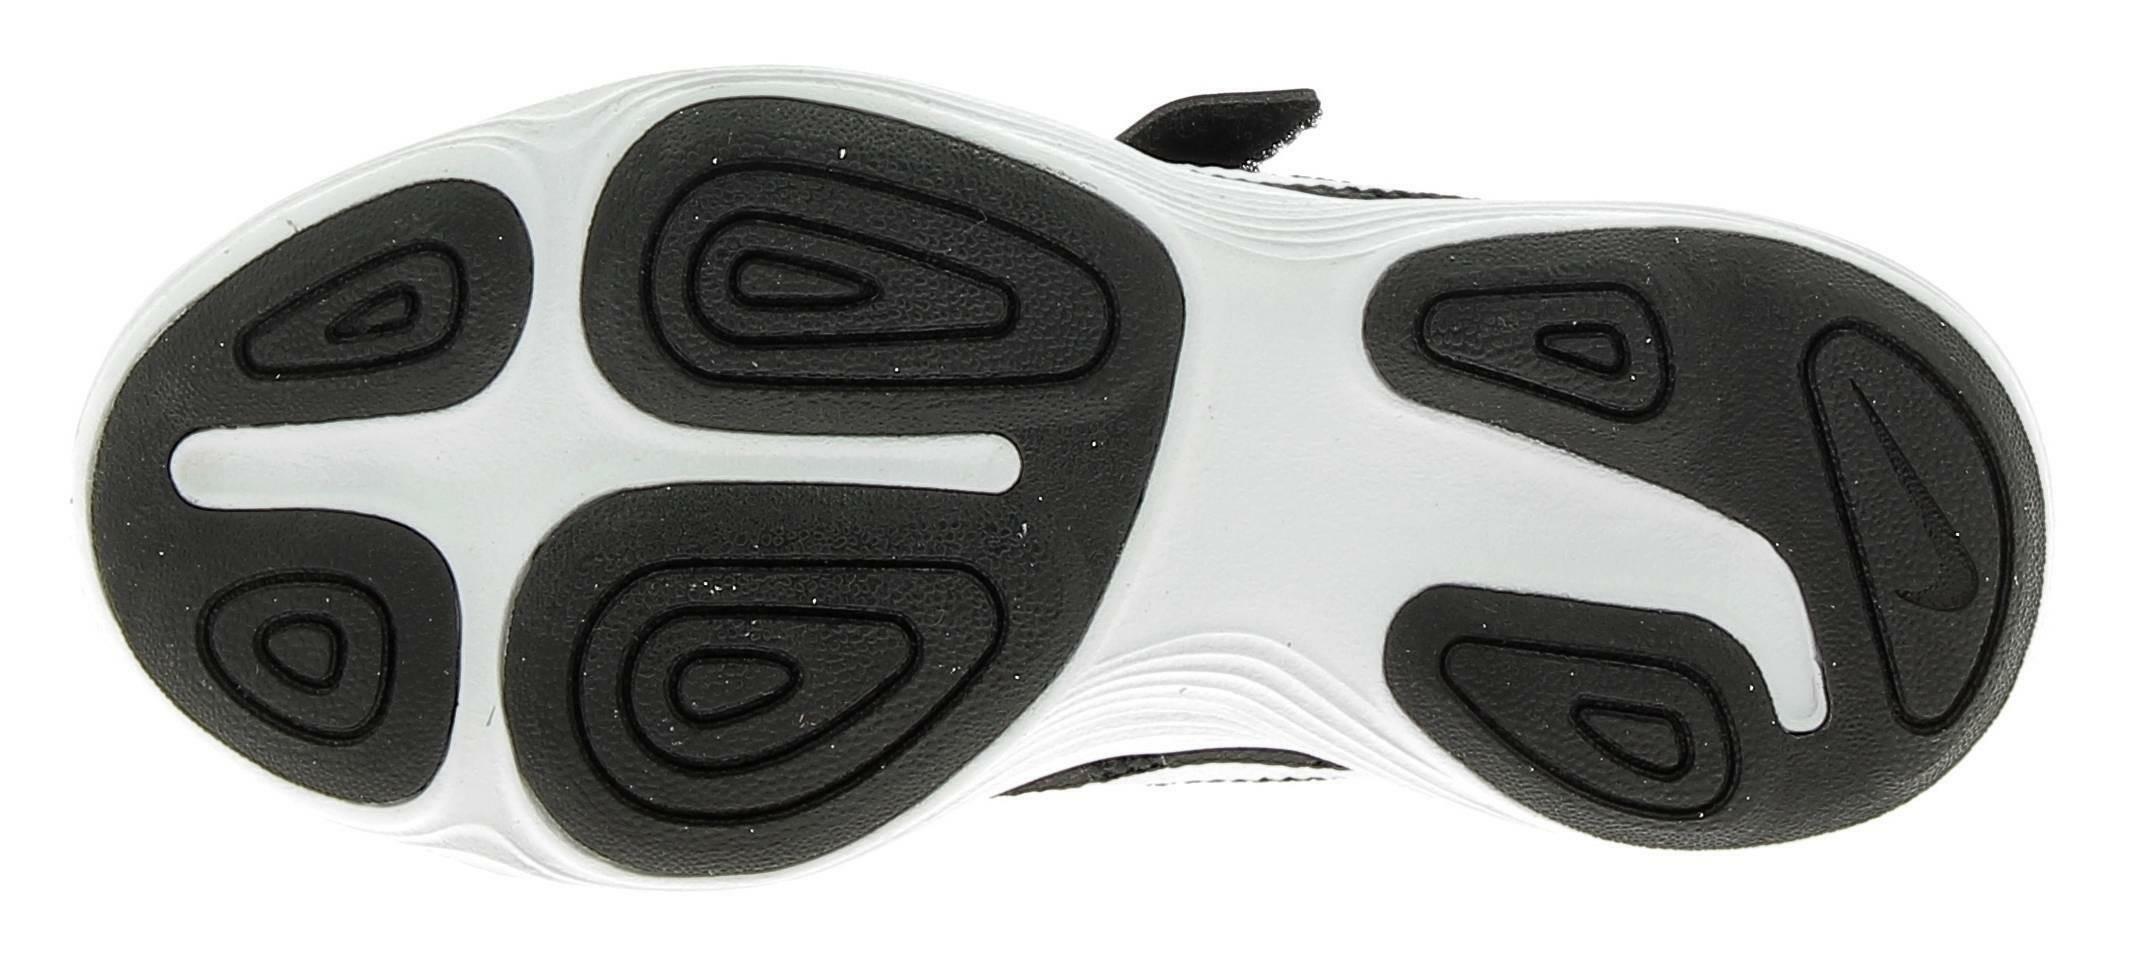 nike nike revolution 4 (tdv) scarpe sportive bambino nere